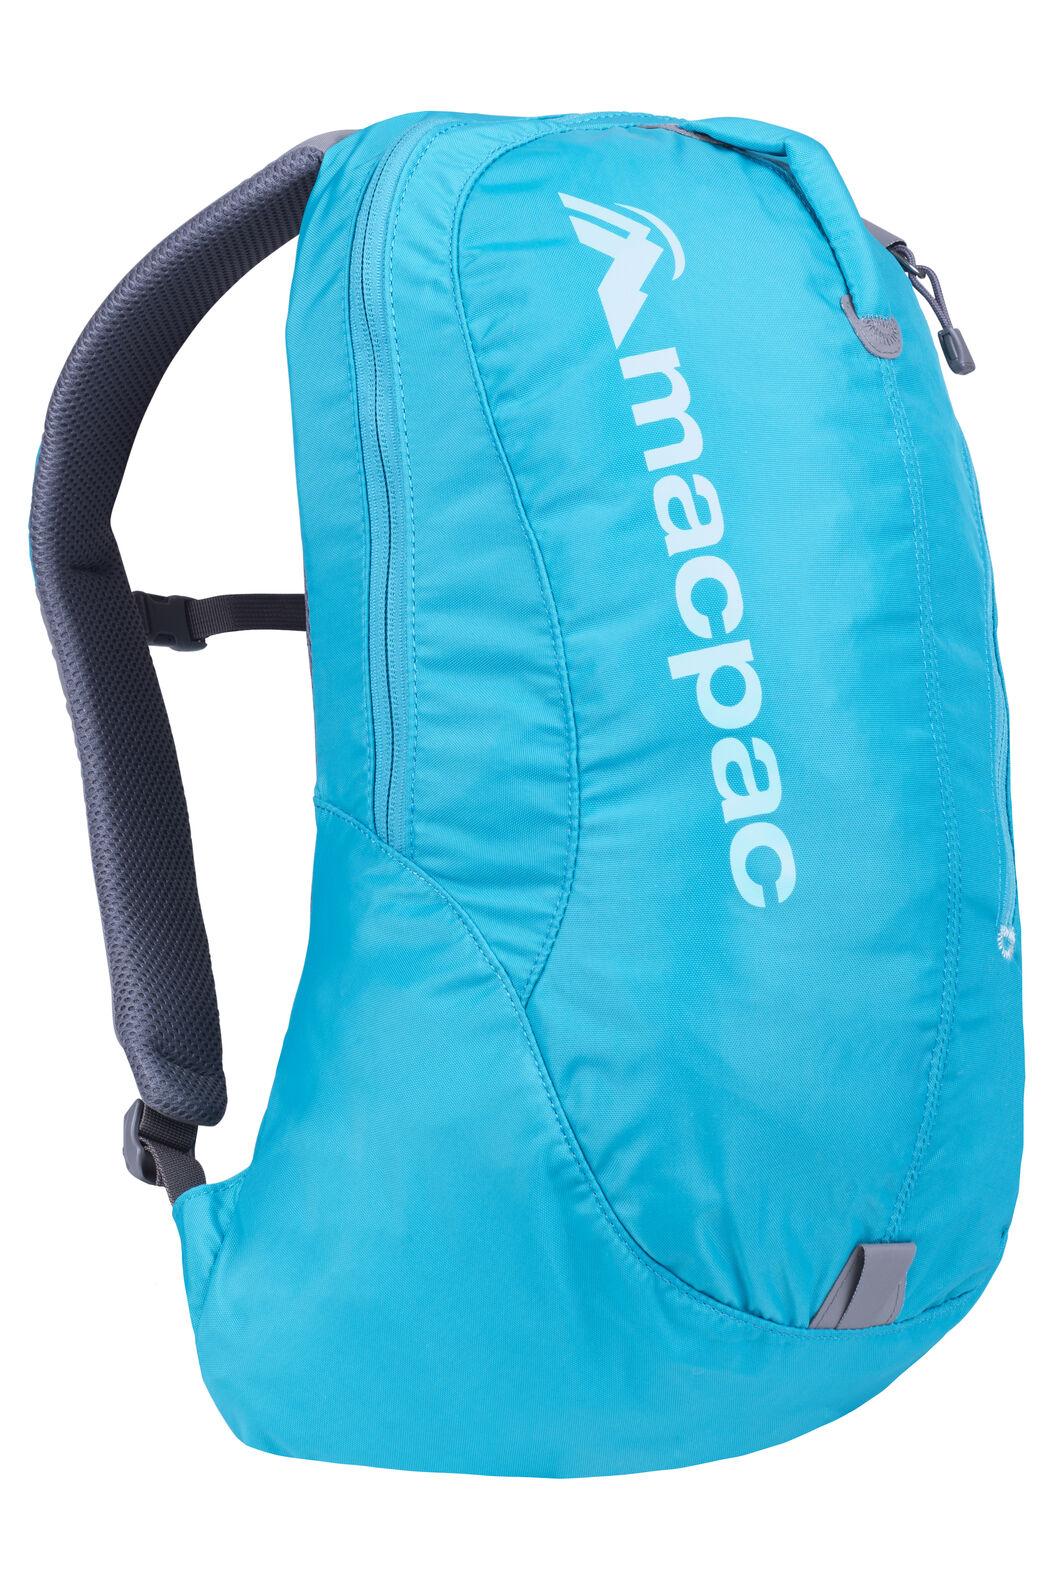 Kahuna 1.1 18L Backpack, Enamel Blue, hi-res